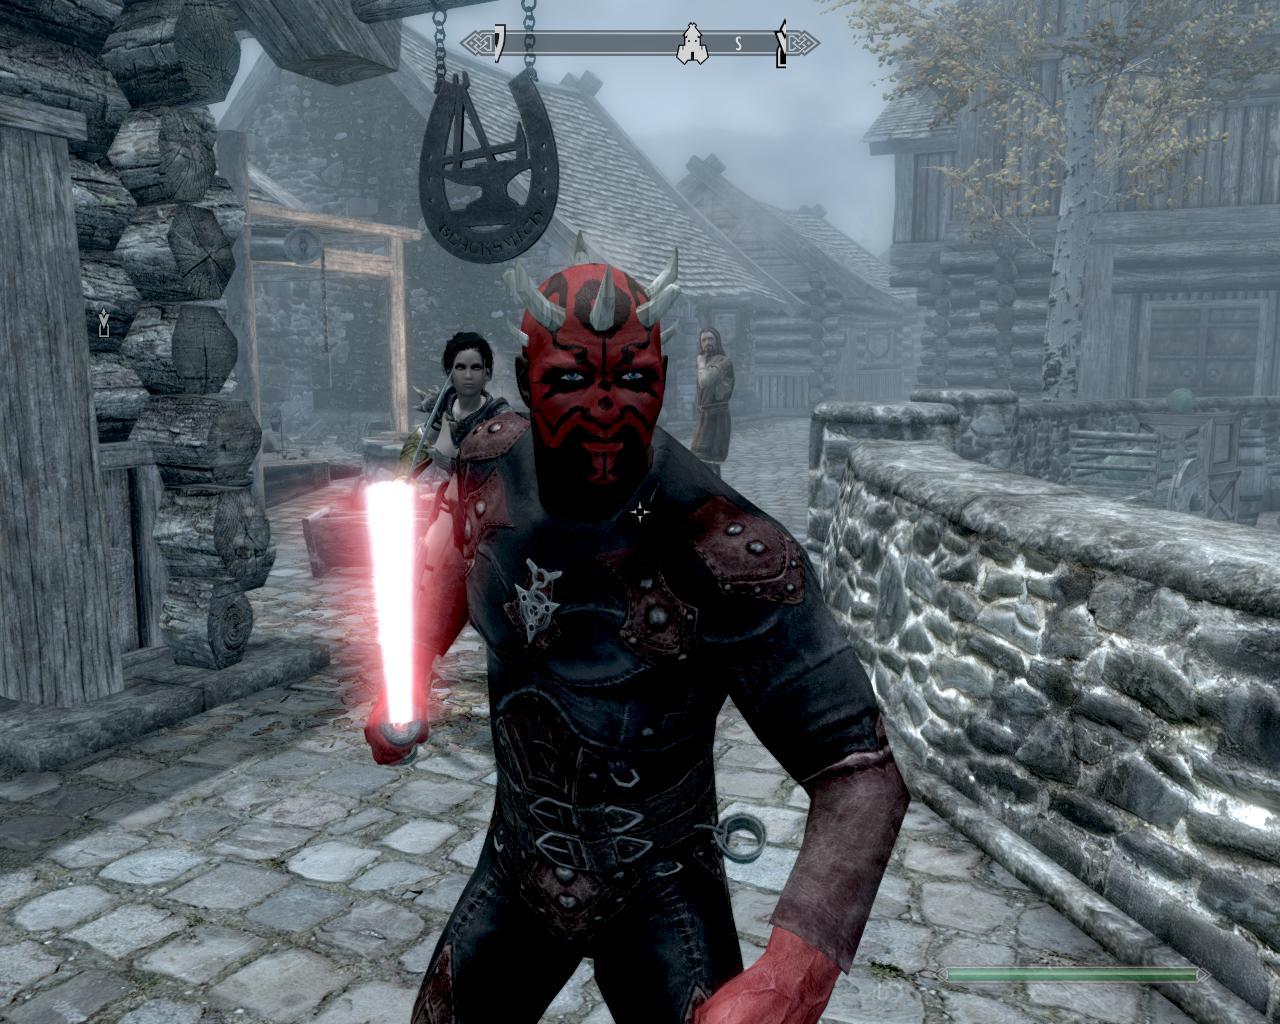 Скачать мод на skyrim на световые мечи